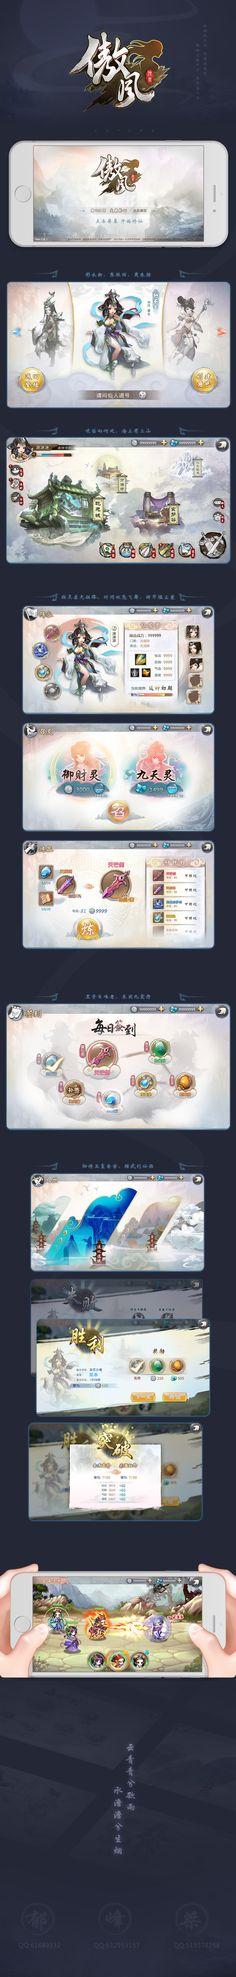 原创作品:原创中国风游戏界面——《傲风》游戏界面设计